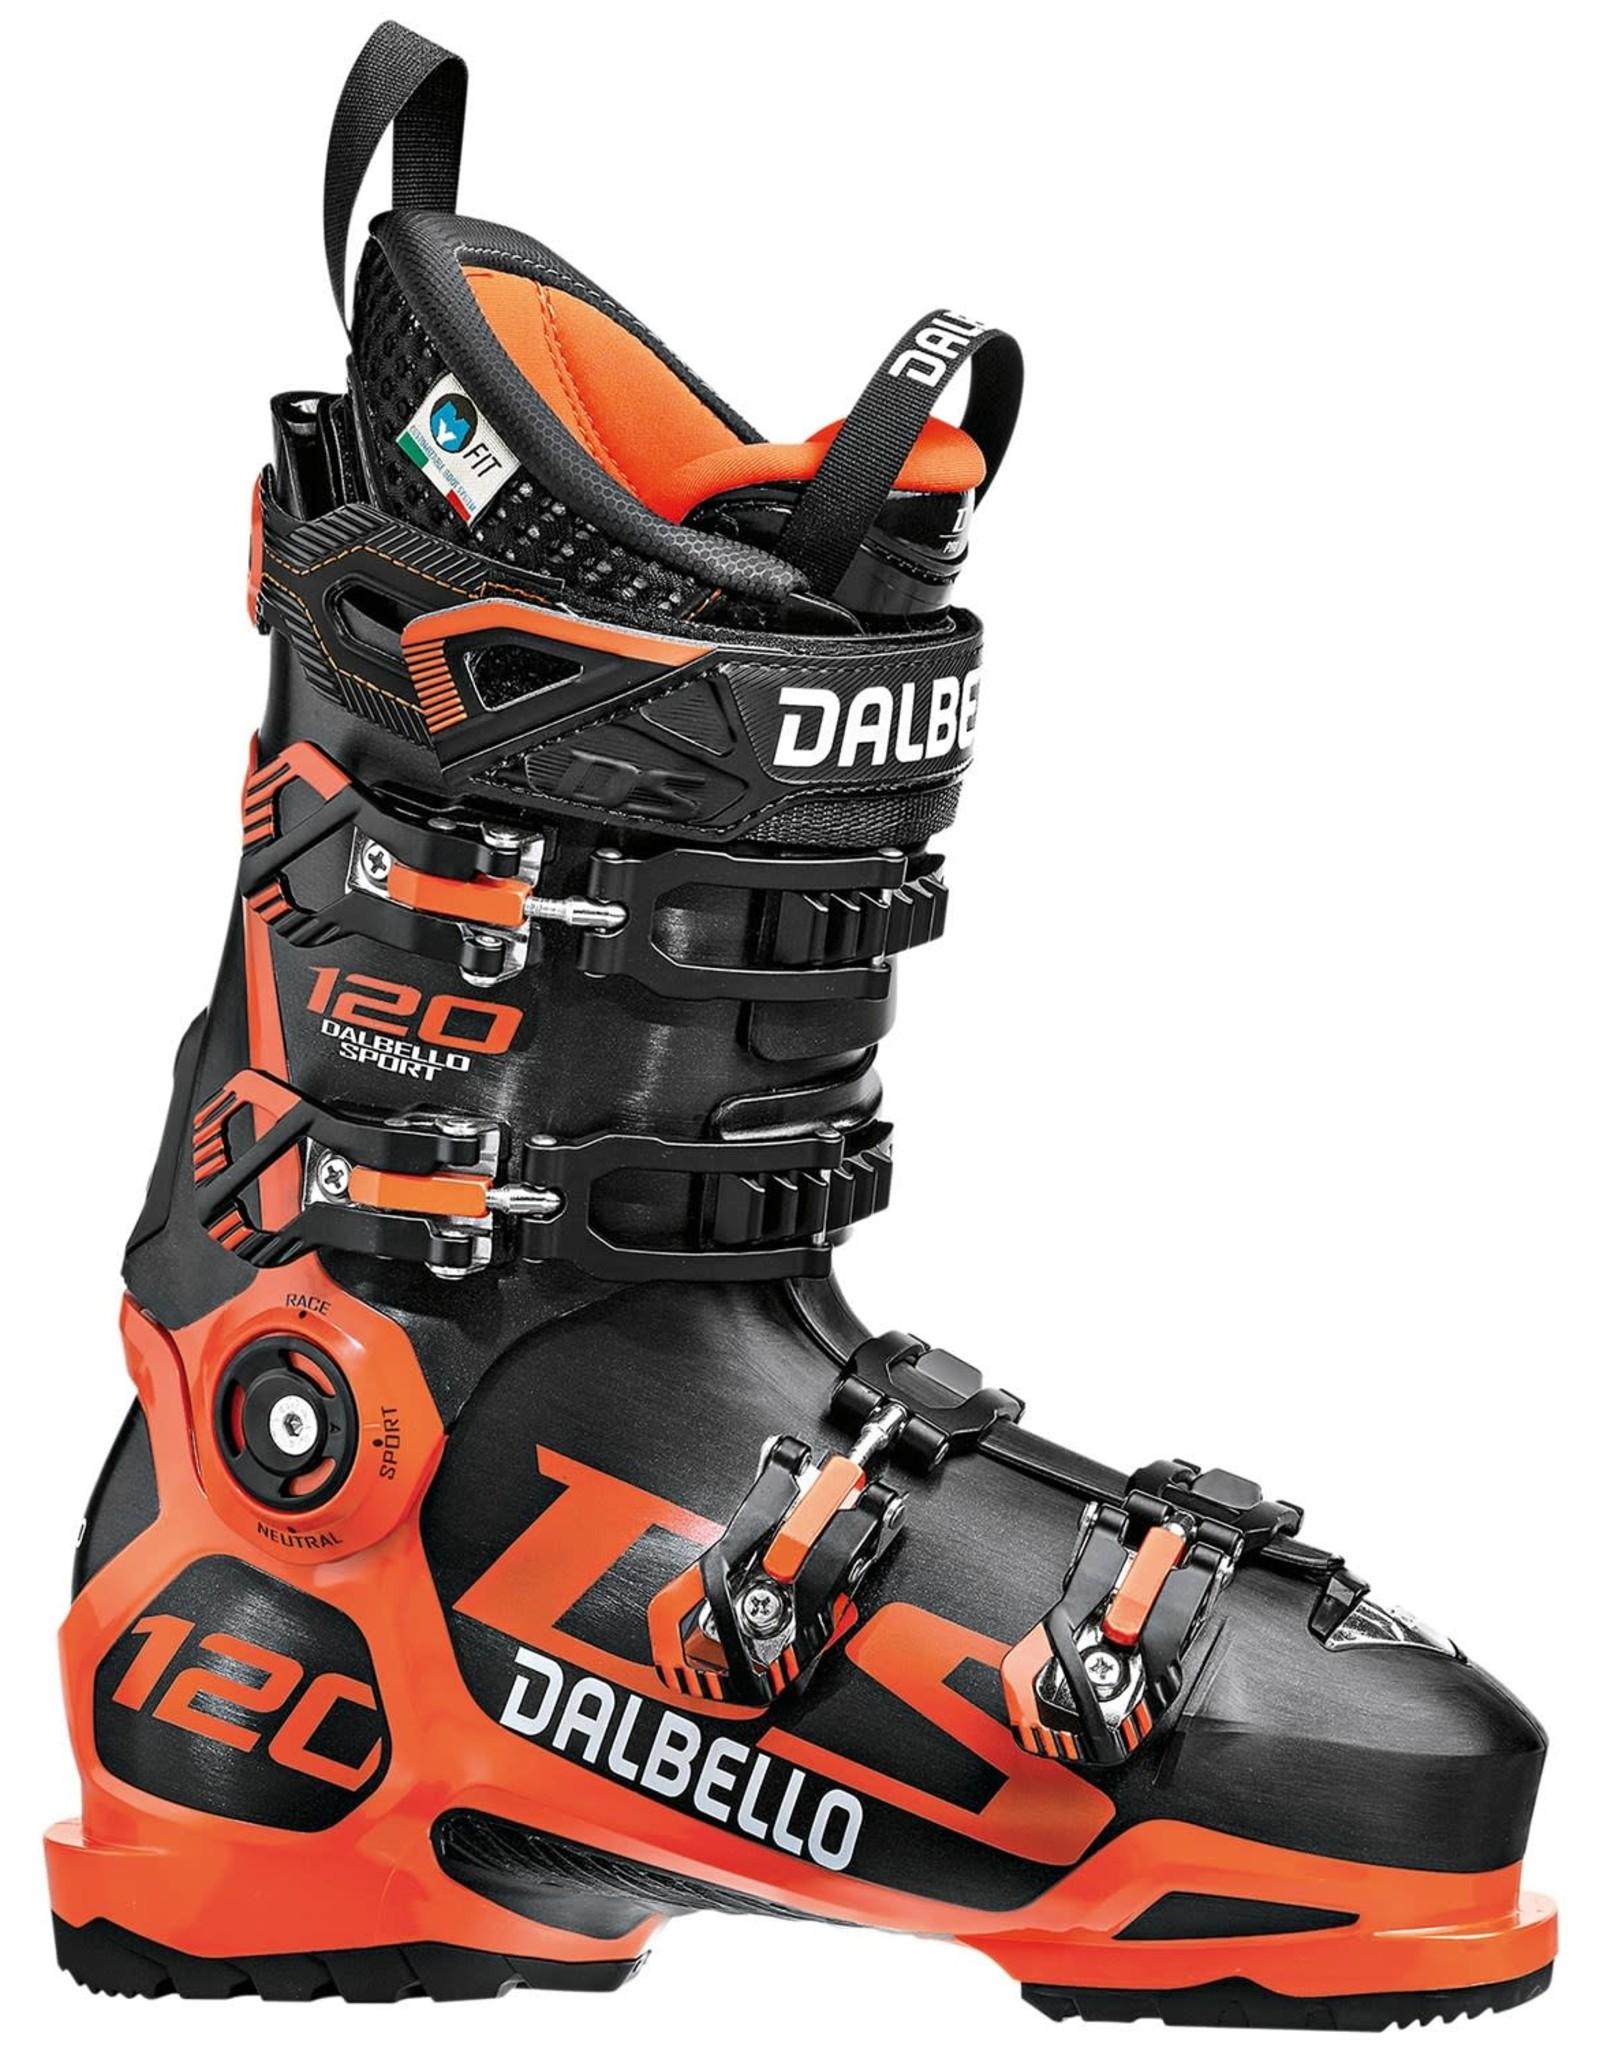 DALBELLO DALBELLO Ski Boots DS 120 (19/20)